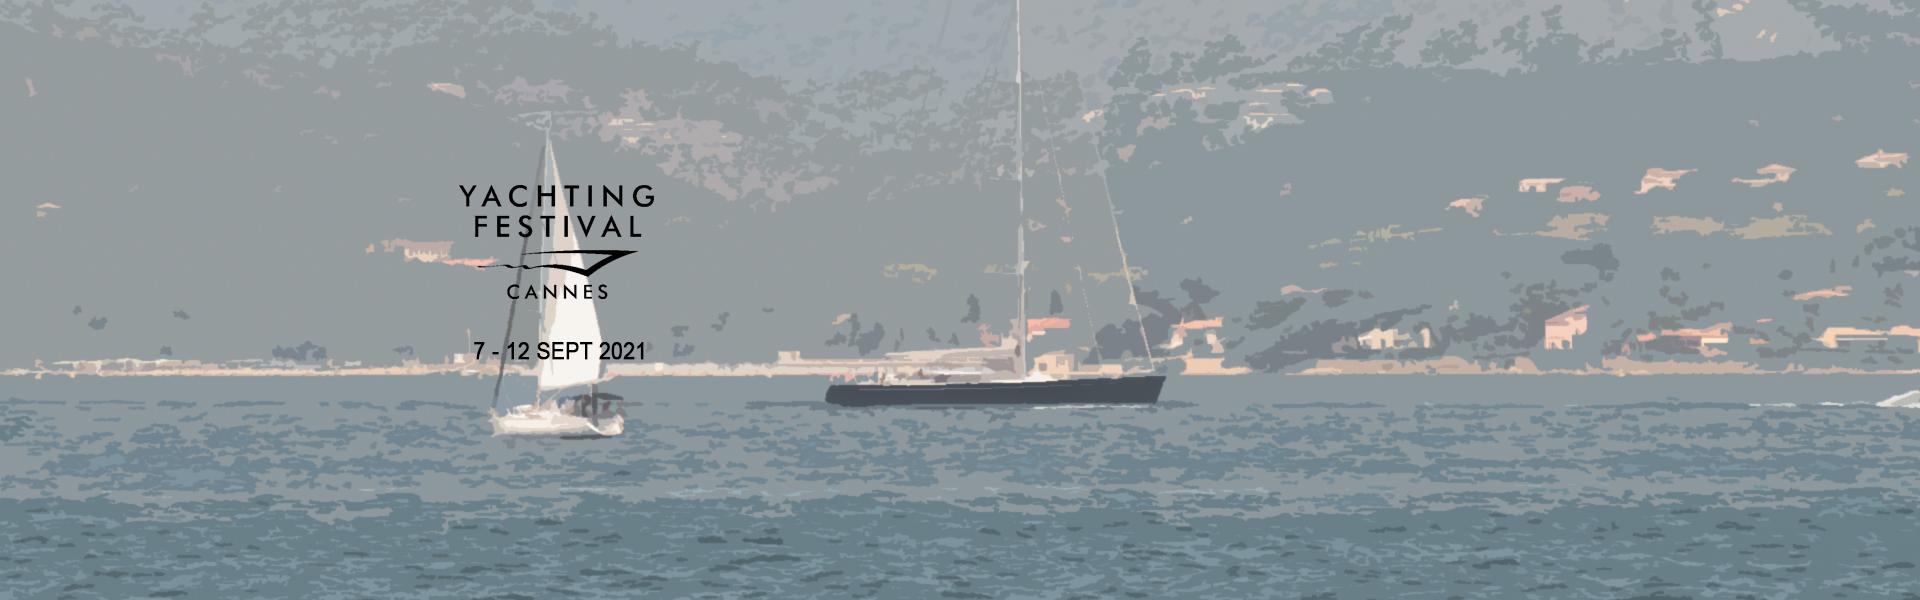 Farbpracht in der Luxury Gallery Europas größter Yachts- und Bootsmesse.